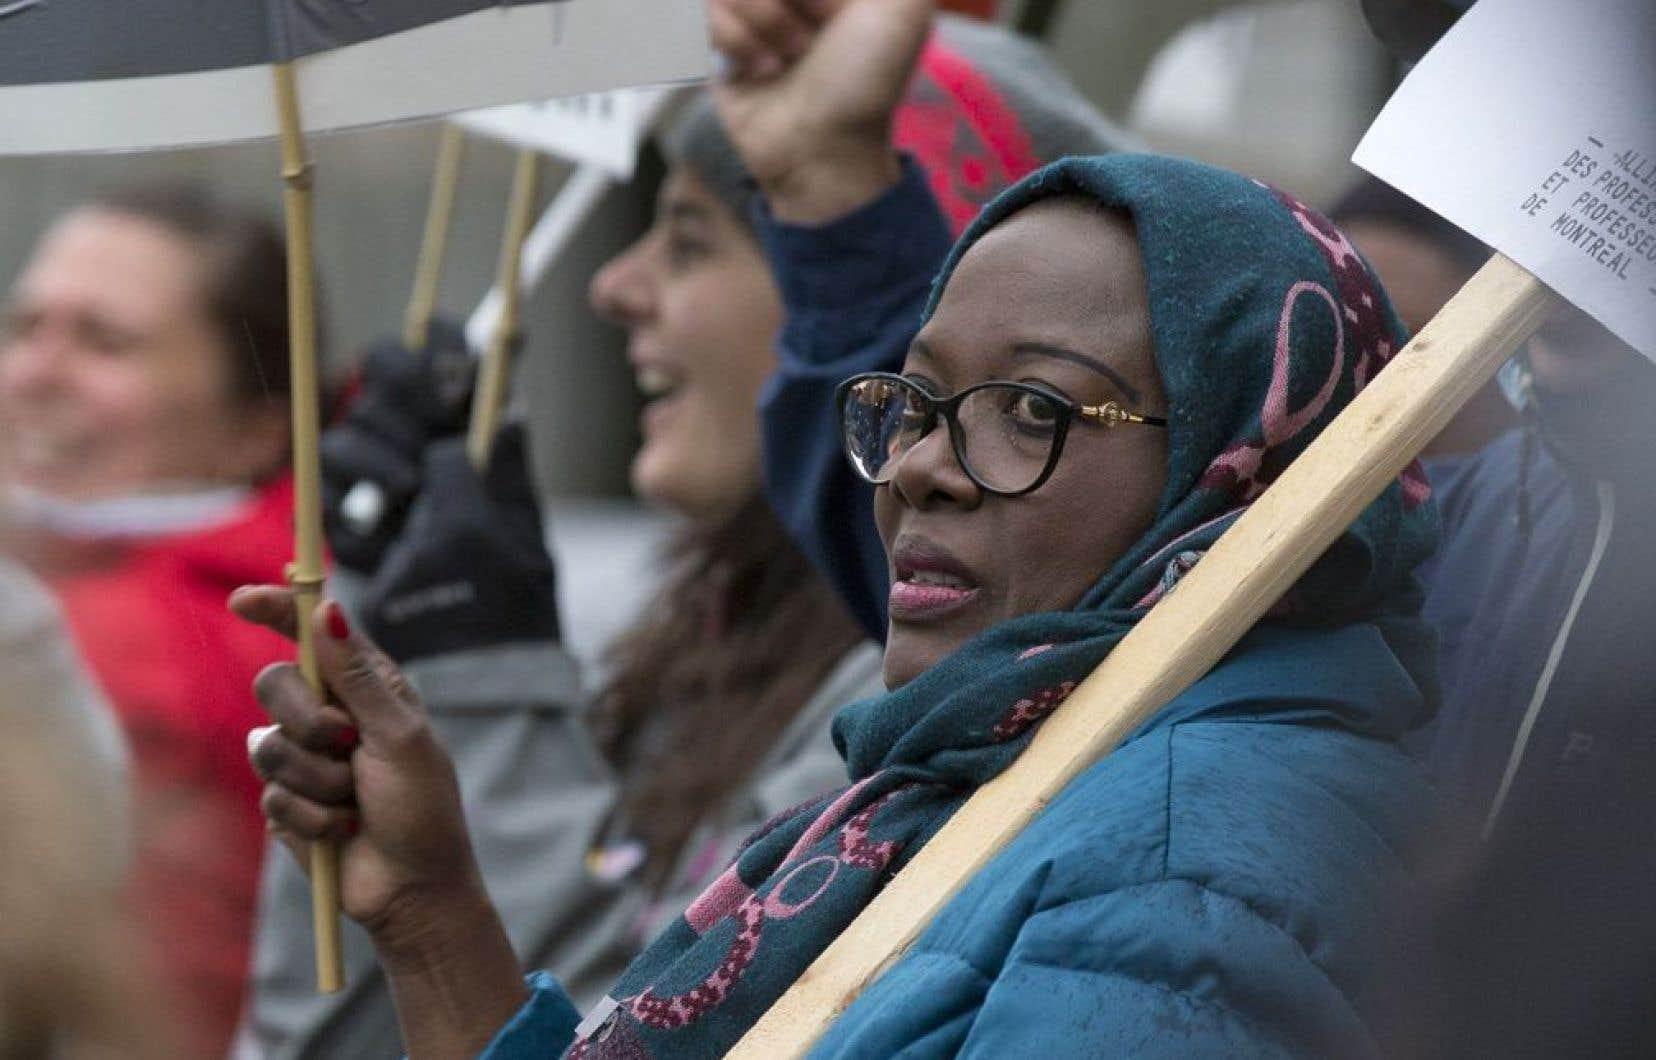 Dans 225 établissements de la métropole, les files d'élèves et le son de la cloche de la cour d'école ont cédé la place aux lignes de piquetage et aux slogans syndicaux.